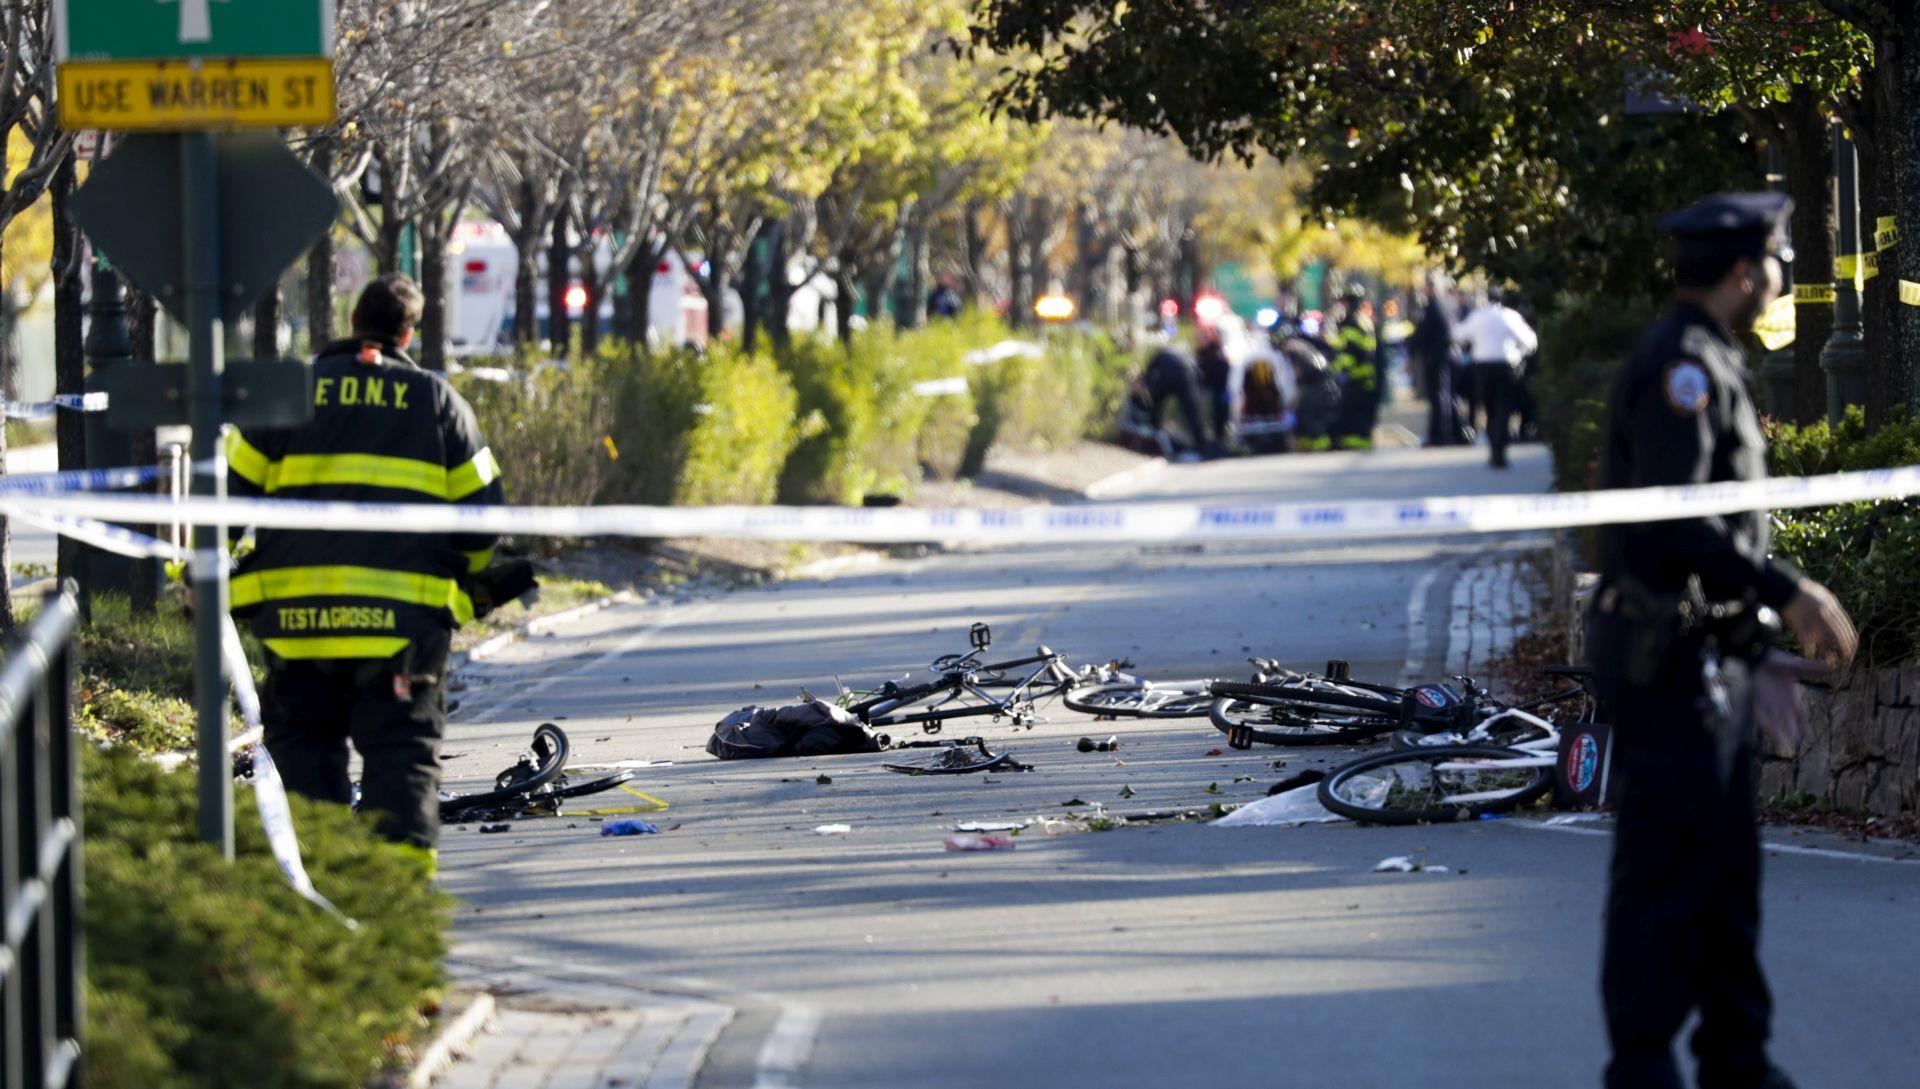 Uzbekistan spreman na suradnju nakon napada u New Yorku